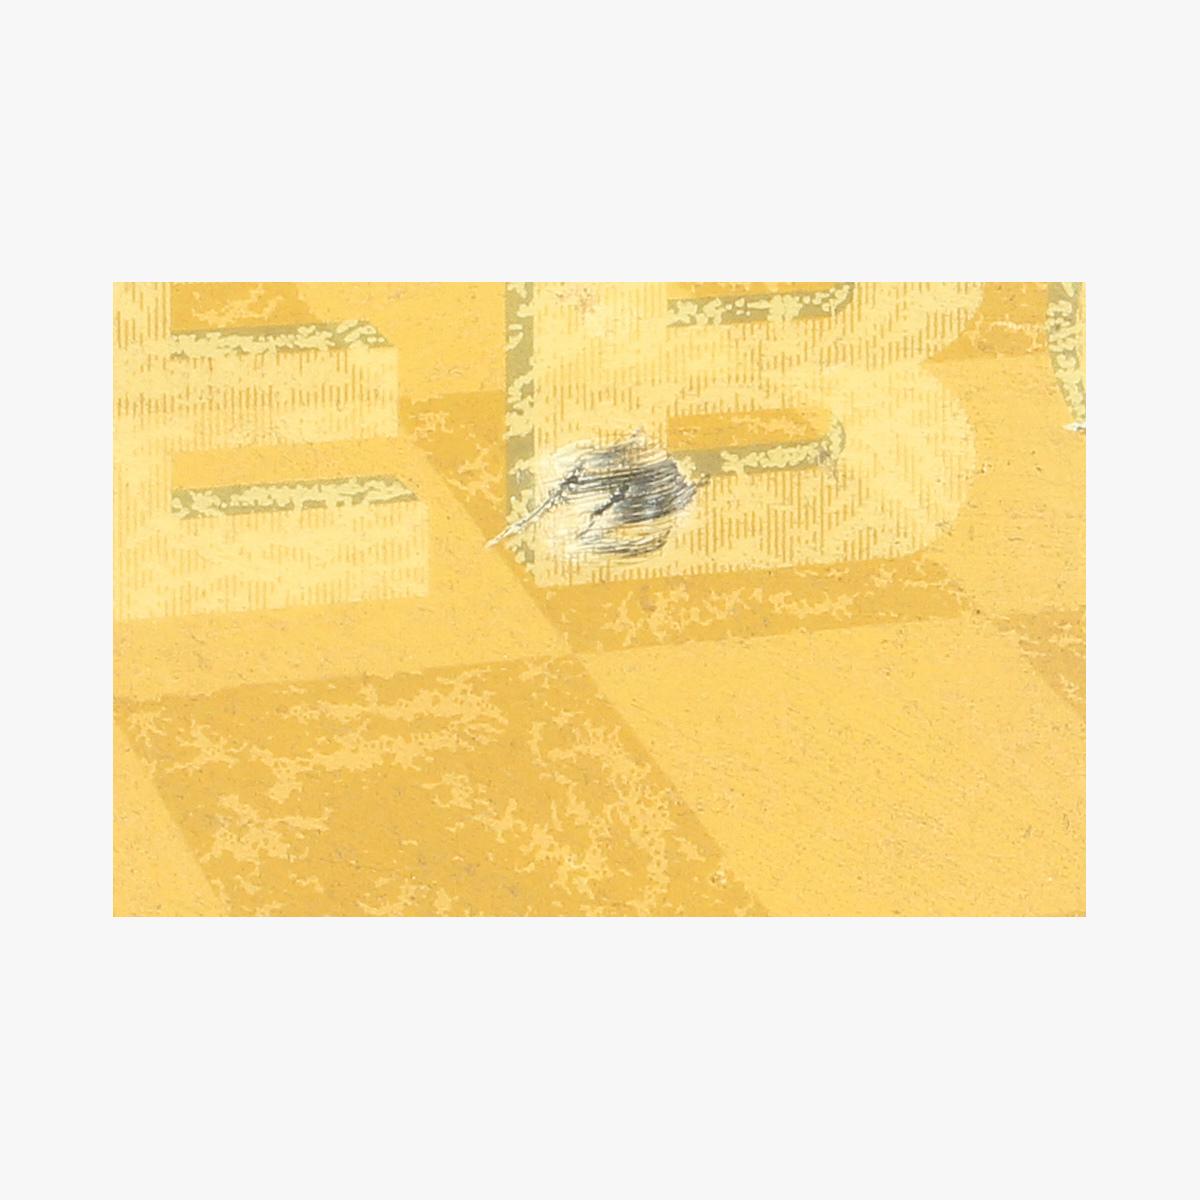 Afbeeldingen van blikken reclame bordje GEBO BREE 1946